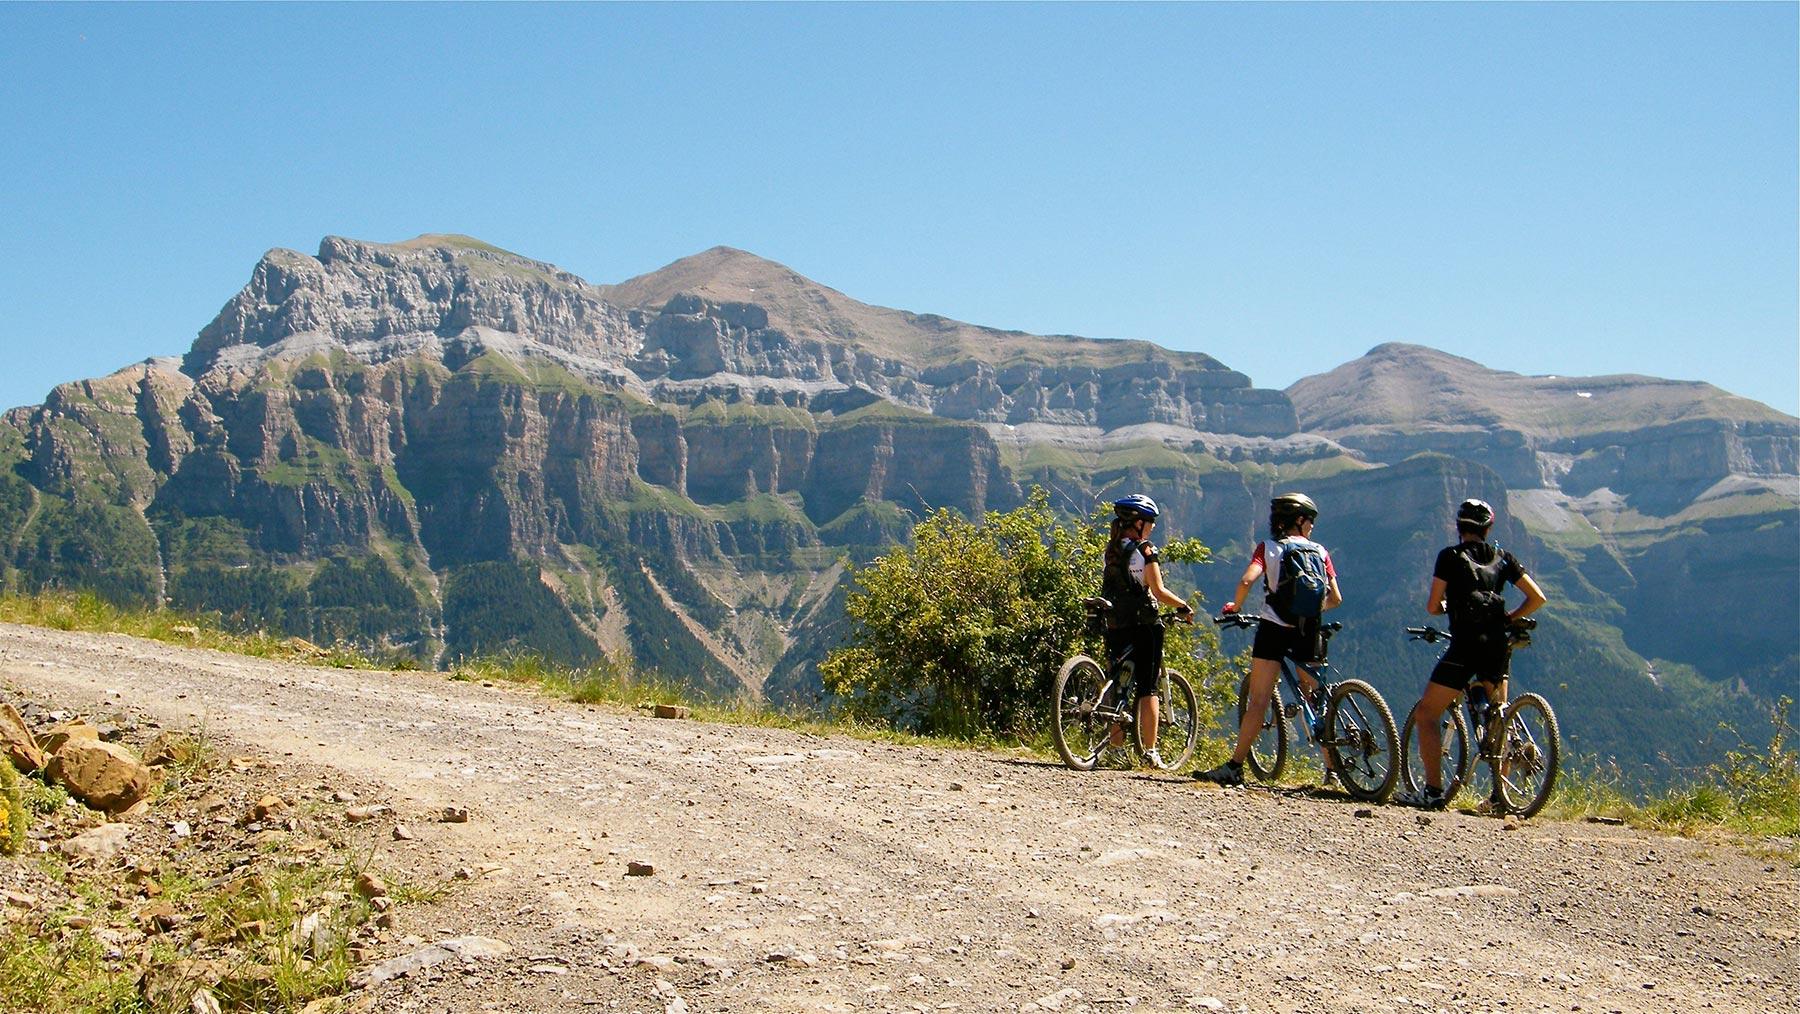 11 Rutas en Bici por la Provincia de Huesca 🚴🏼 desde familias a más experimentados